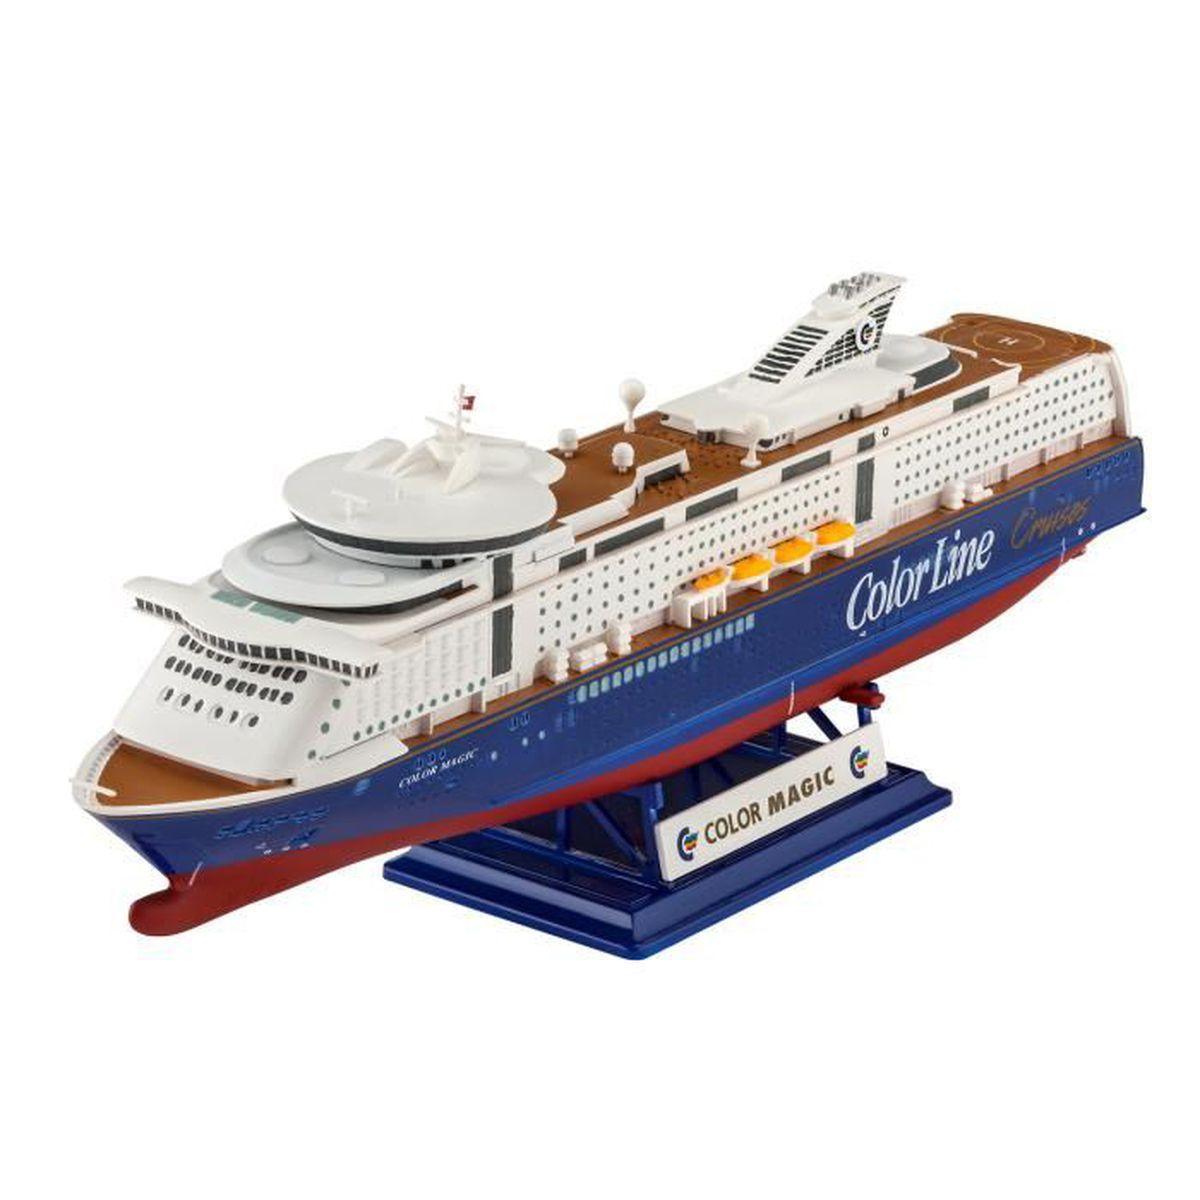 maquette de bateaux a monter achat vente jeux et jouets pas chers. Black Bedroom Furniture Sets. Home Design Ideas